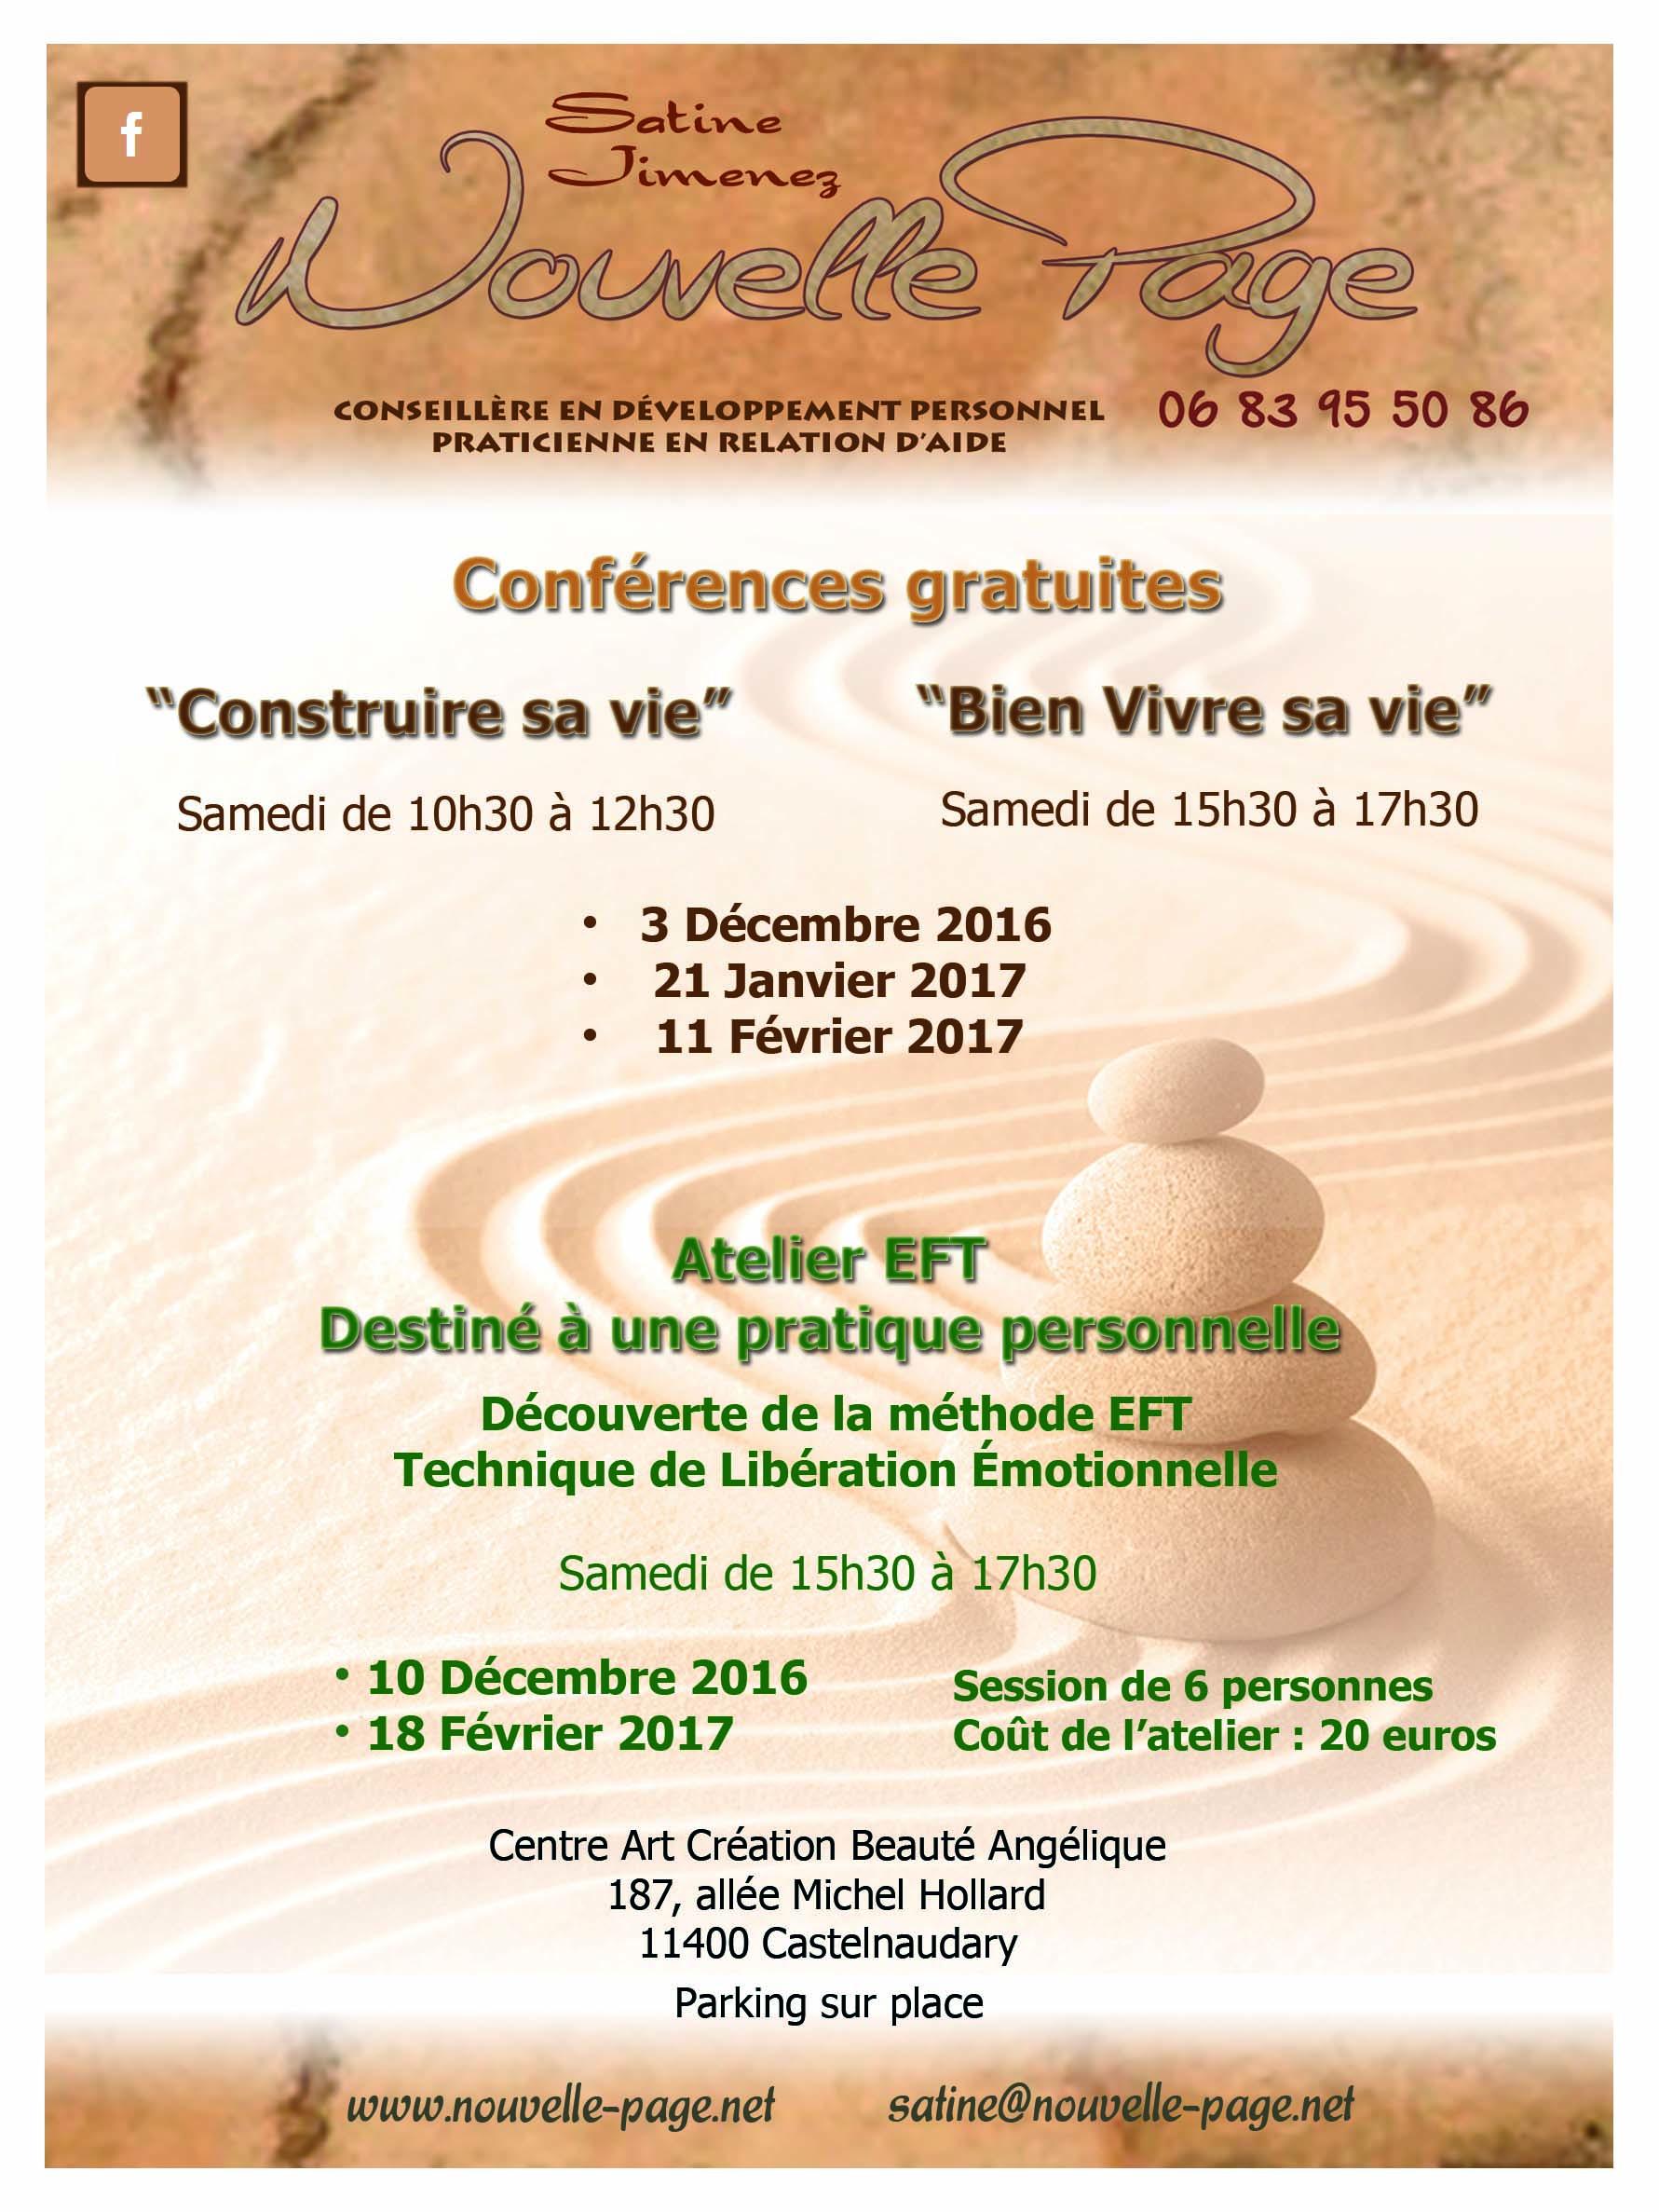 Affiche conférences gratuites 2016-2017